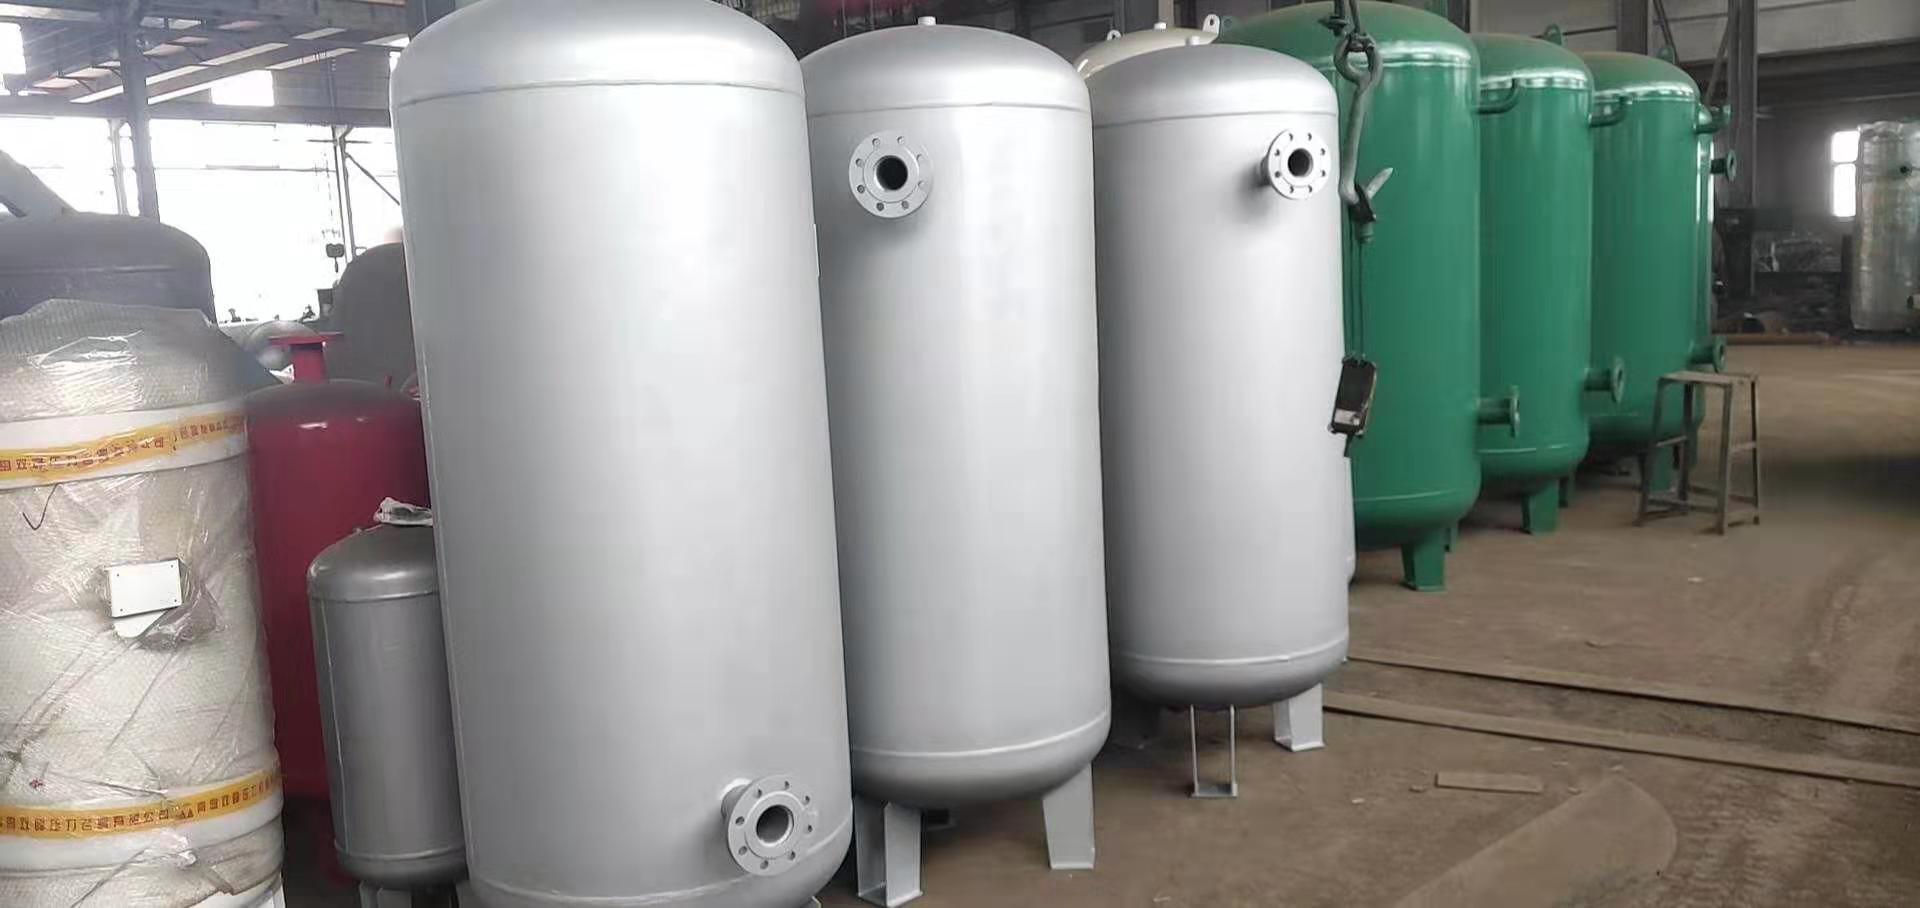 青岛立式储气罐生产厂家_质量优良的不锈钢储气罐供应